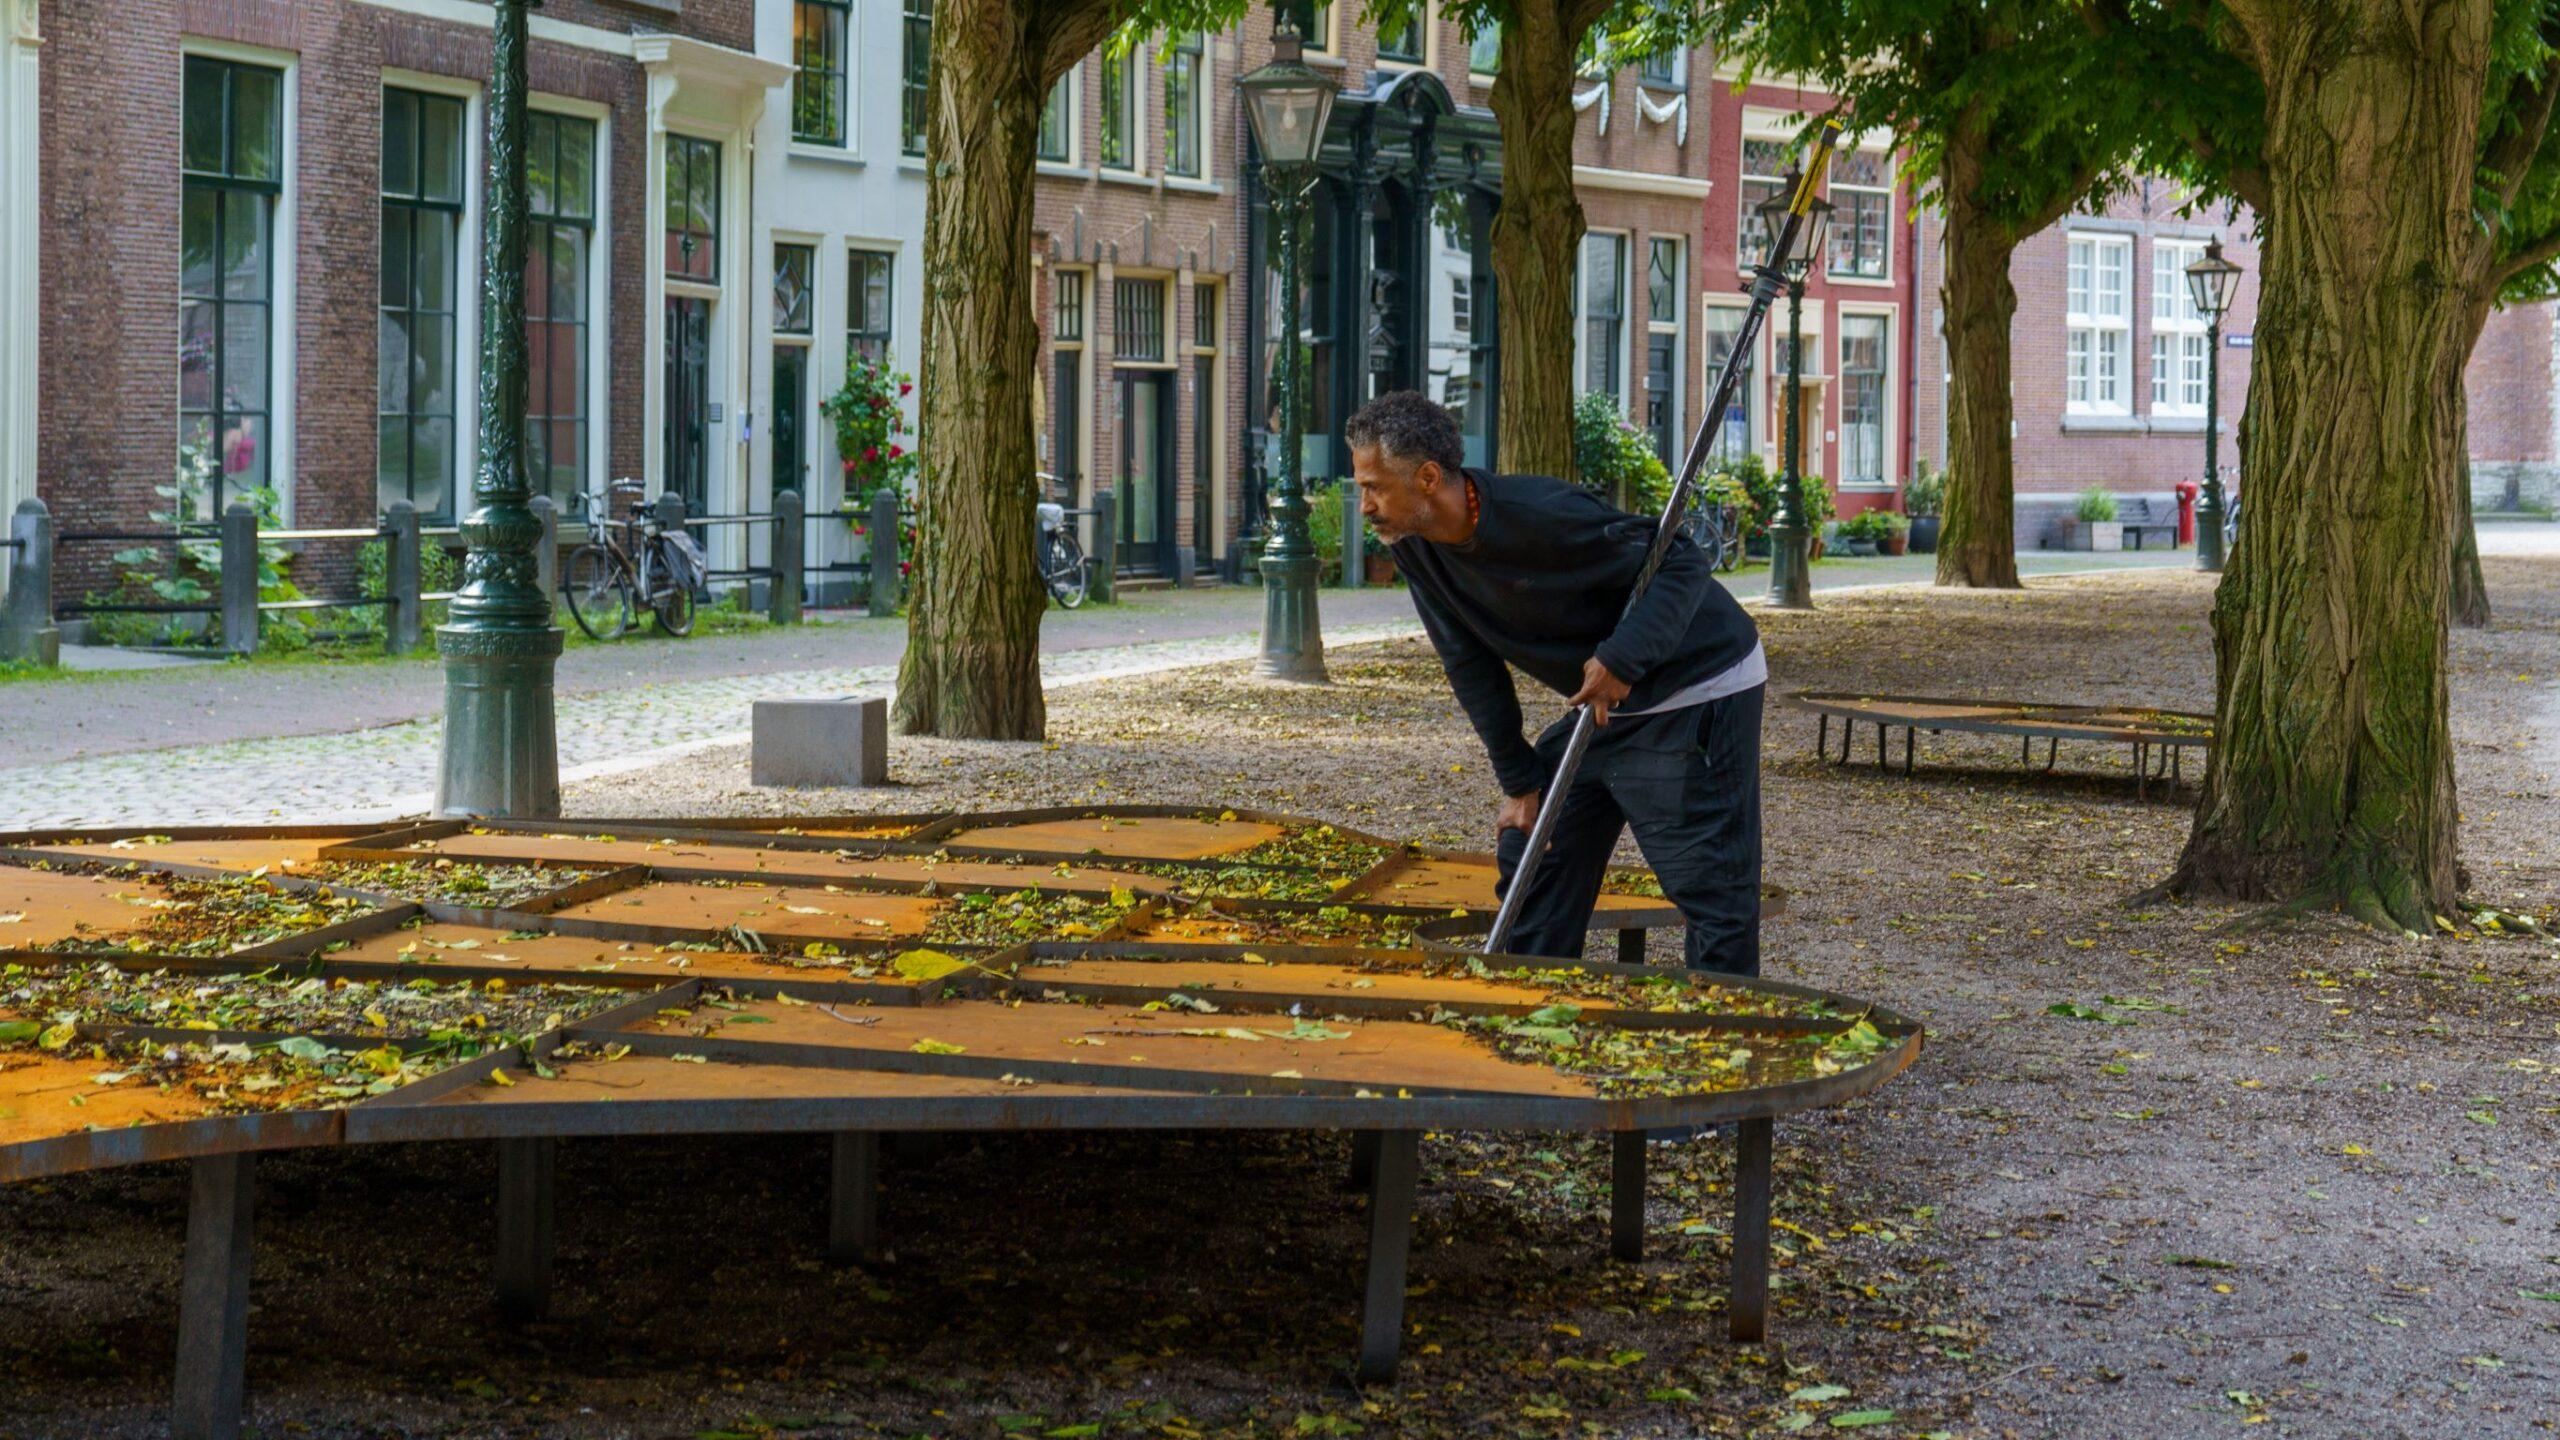 De winnende foto van Mevon de Jong. (Foto: Mevon de Jong).